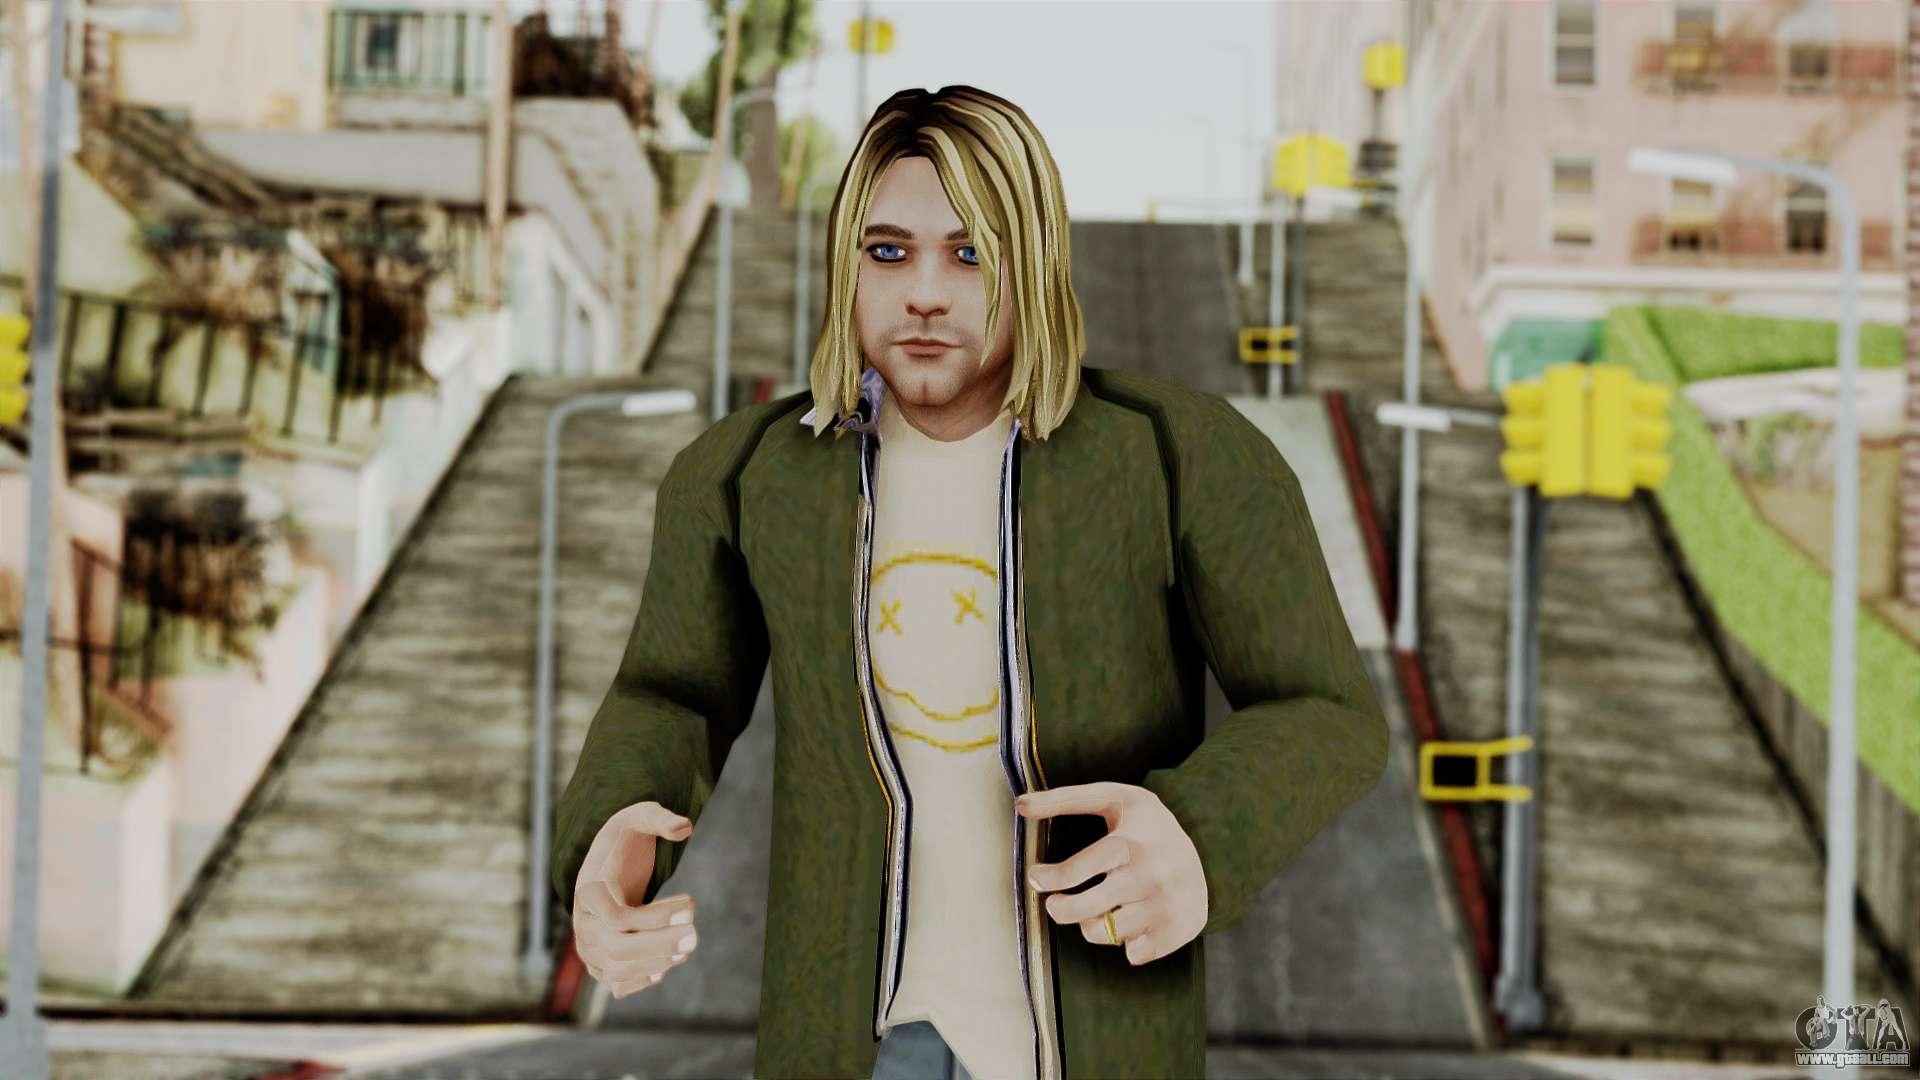 Gta San Andreas Wallpaper Hd Kurt Cobain For Gta San Andreas